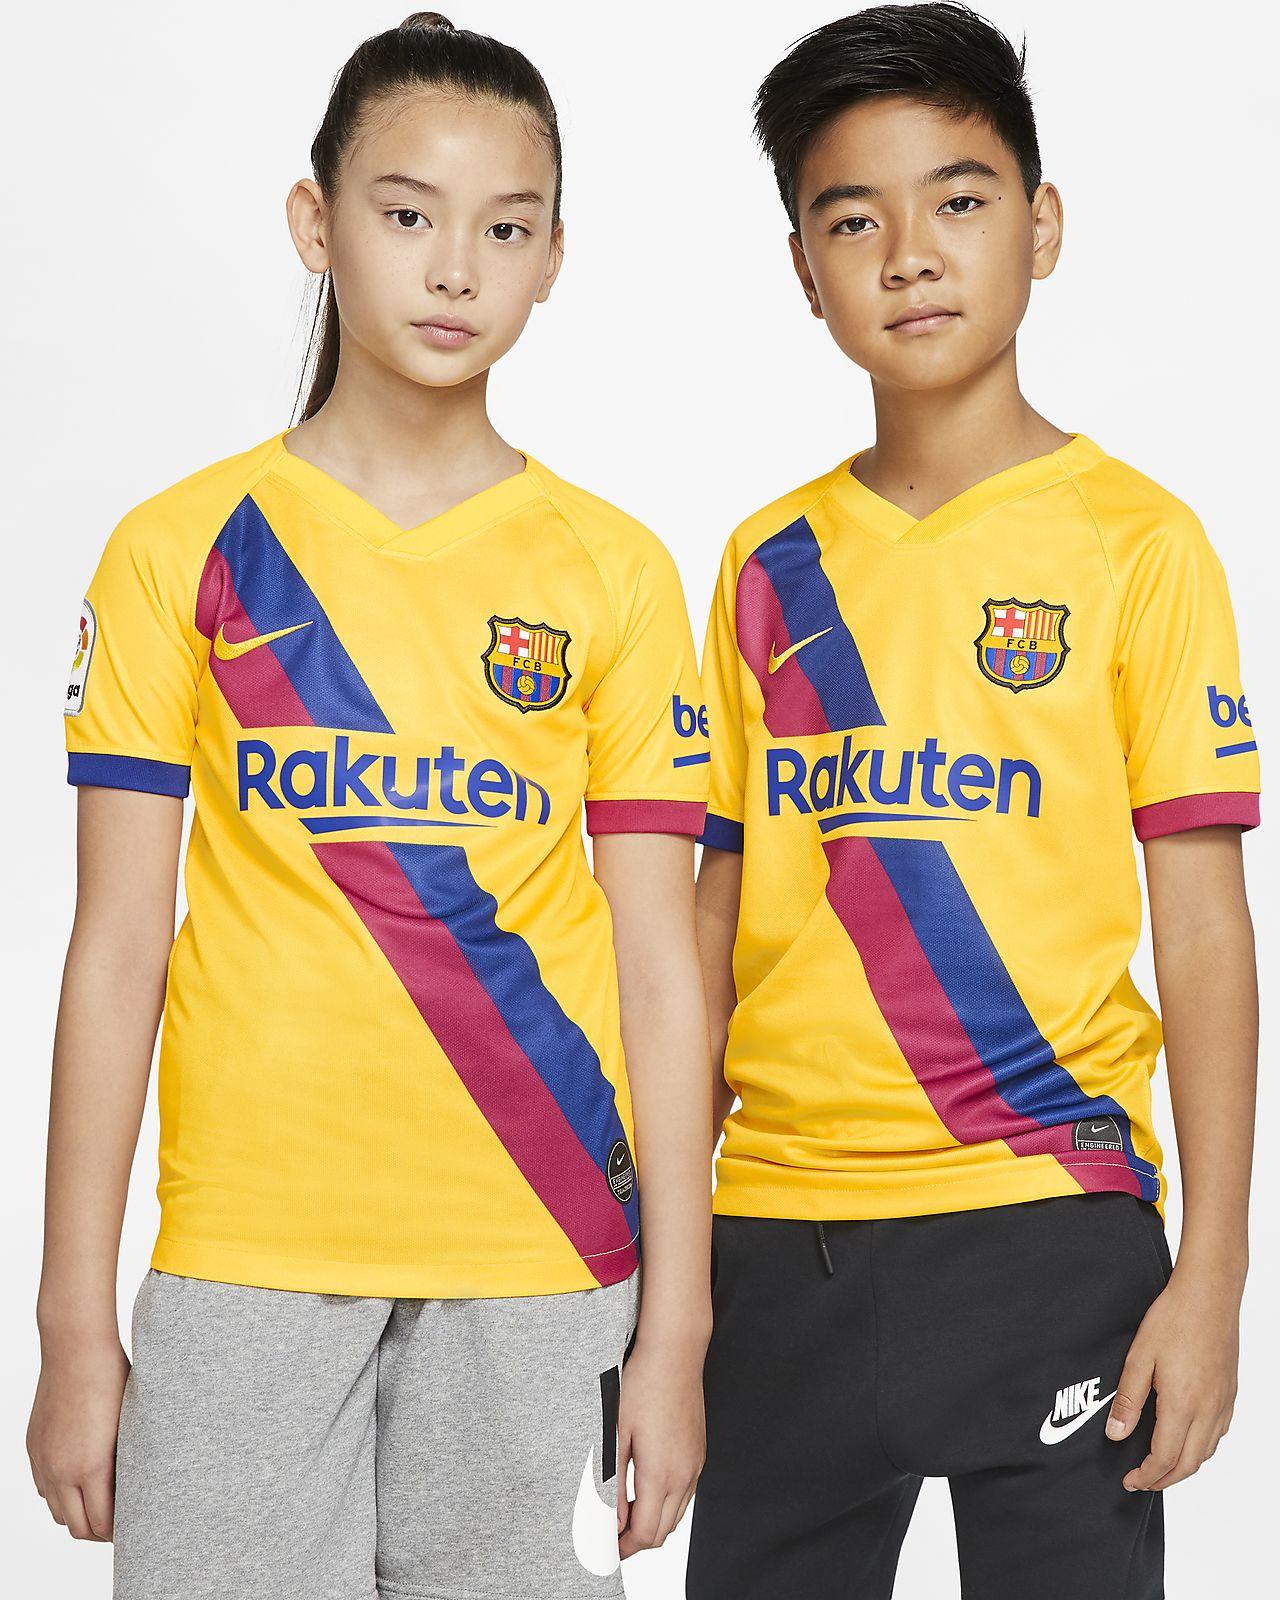 เสื้อแข่งฟุตบอลเด็กโต FC Barcelona 2019/20 Stadium Away